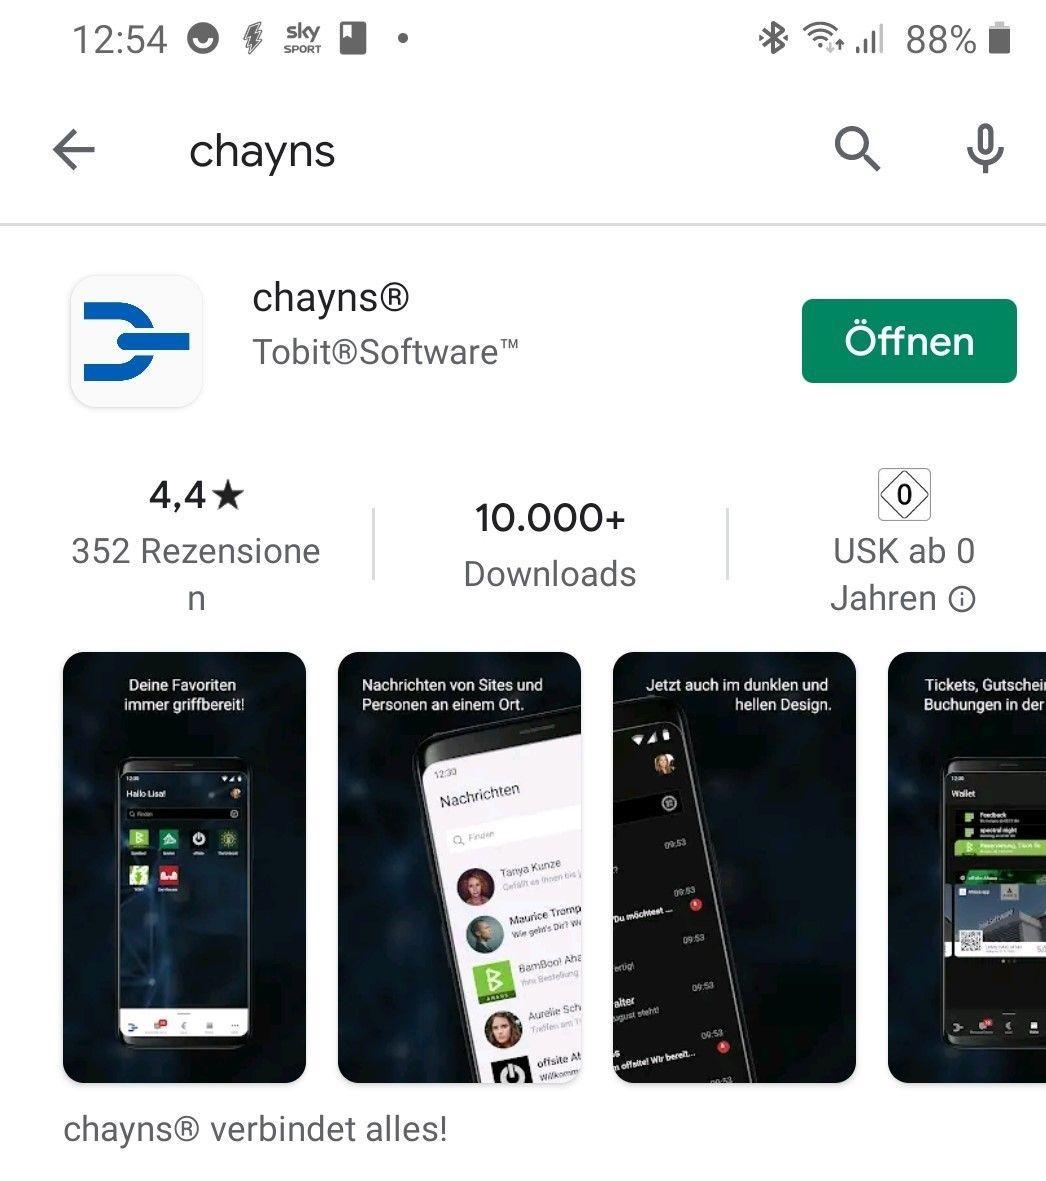 """Antworten rund um """"chayns®"""" - Hilfe"""